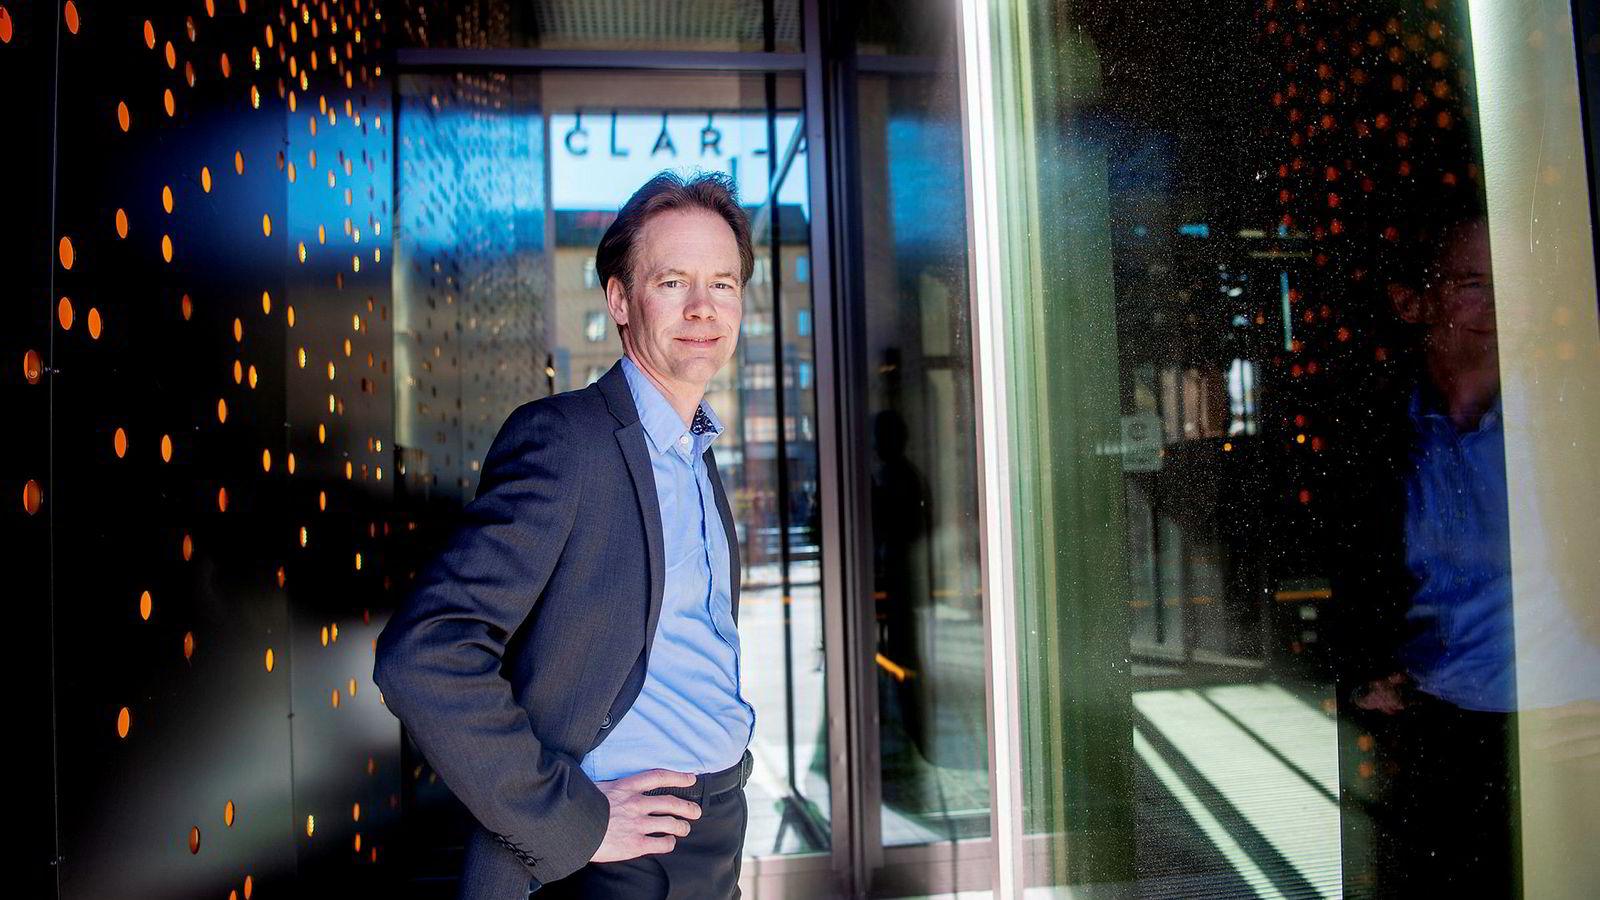 Øystein Rushfeldt er direktør for det omstridte gruveselskapet Nussir. Selskapet planlegger å starte verdens første elektrifiserte kobbergruve.